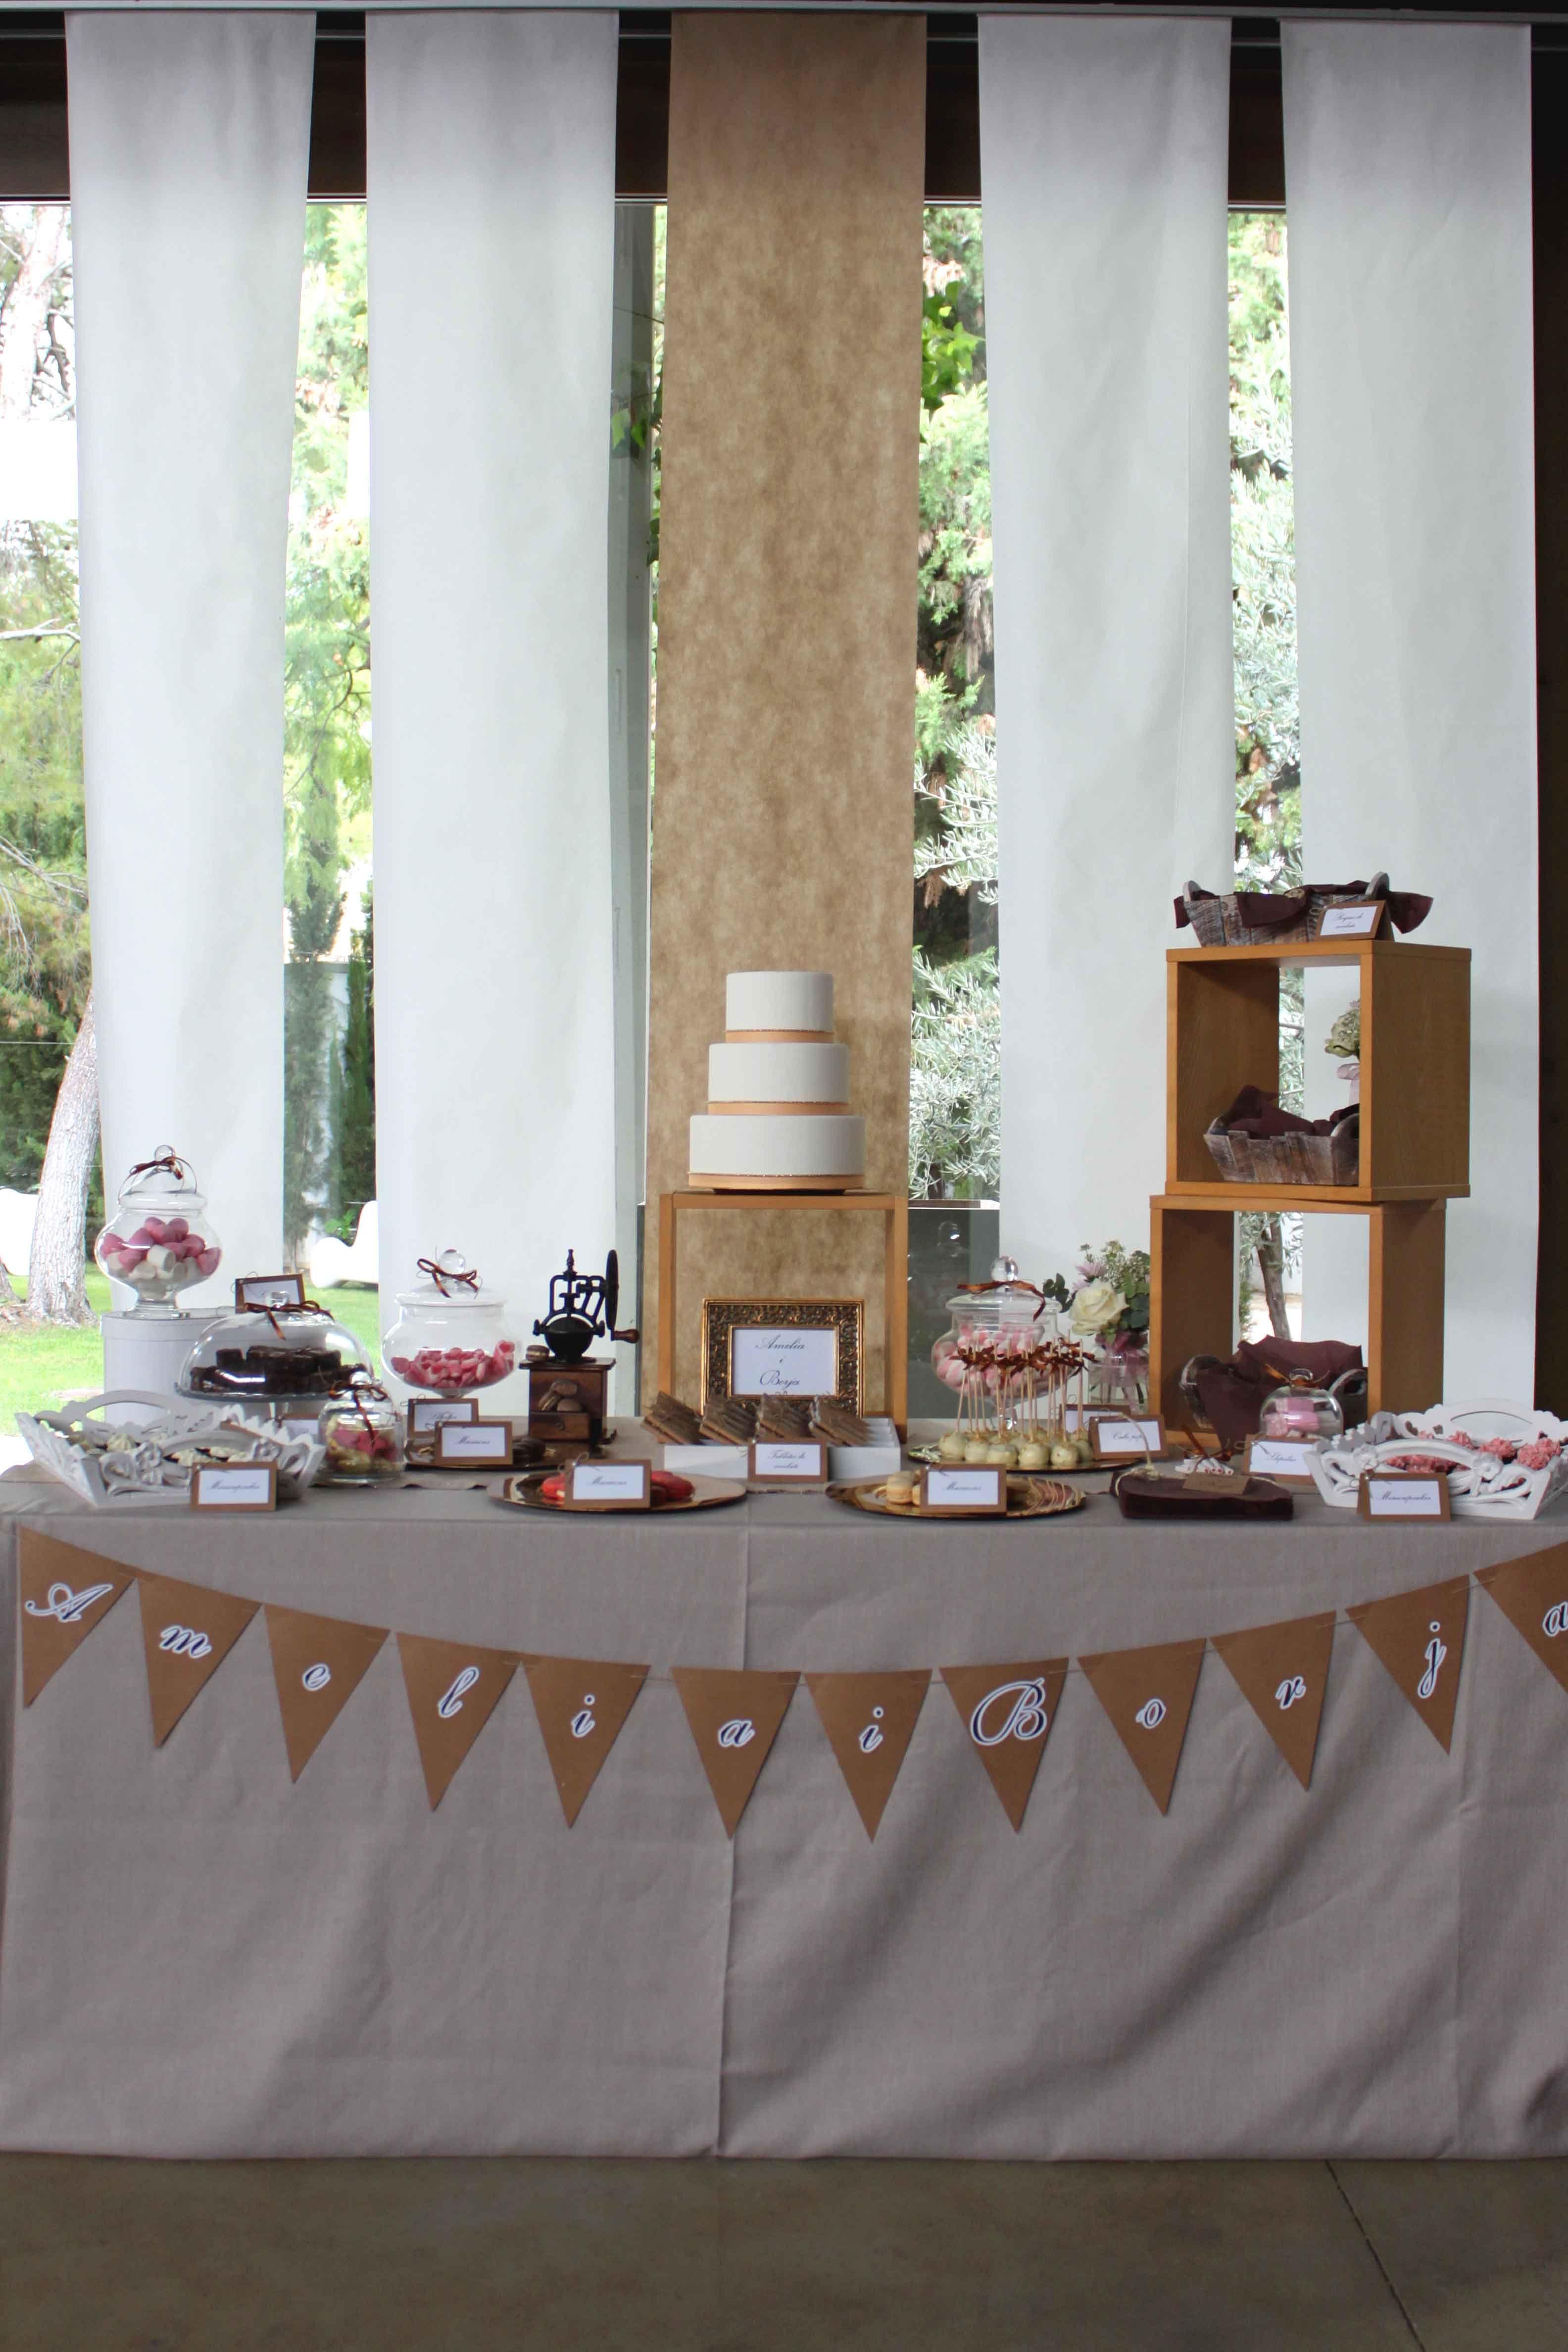 La boda de amelia y borja bautizos rustic wedding for Decoracion para mesa dulce